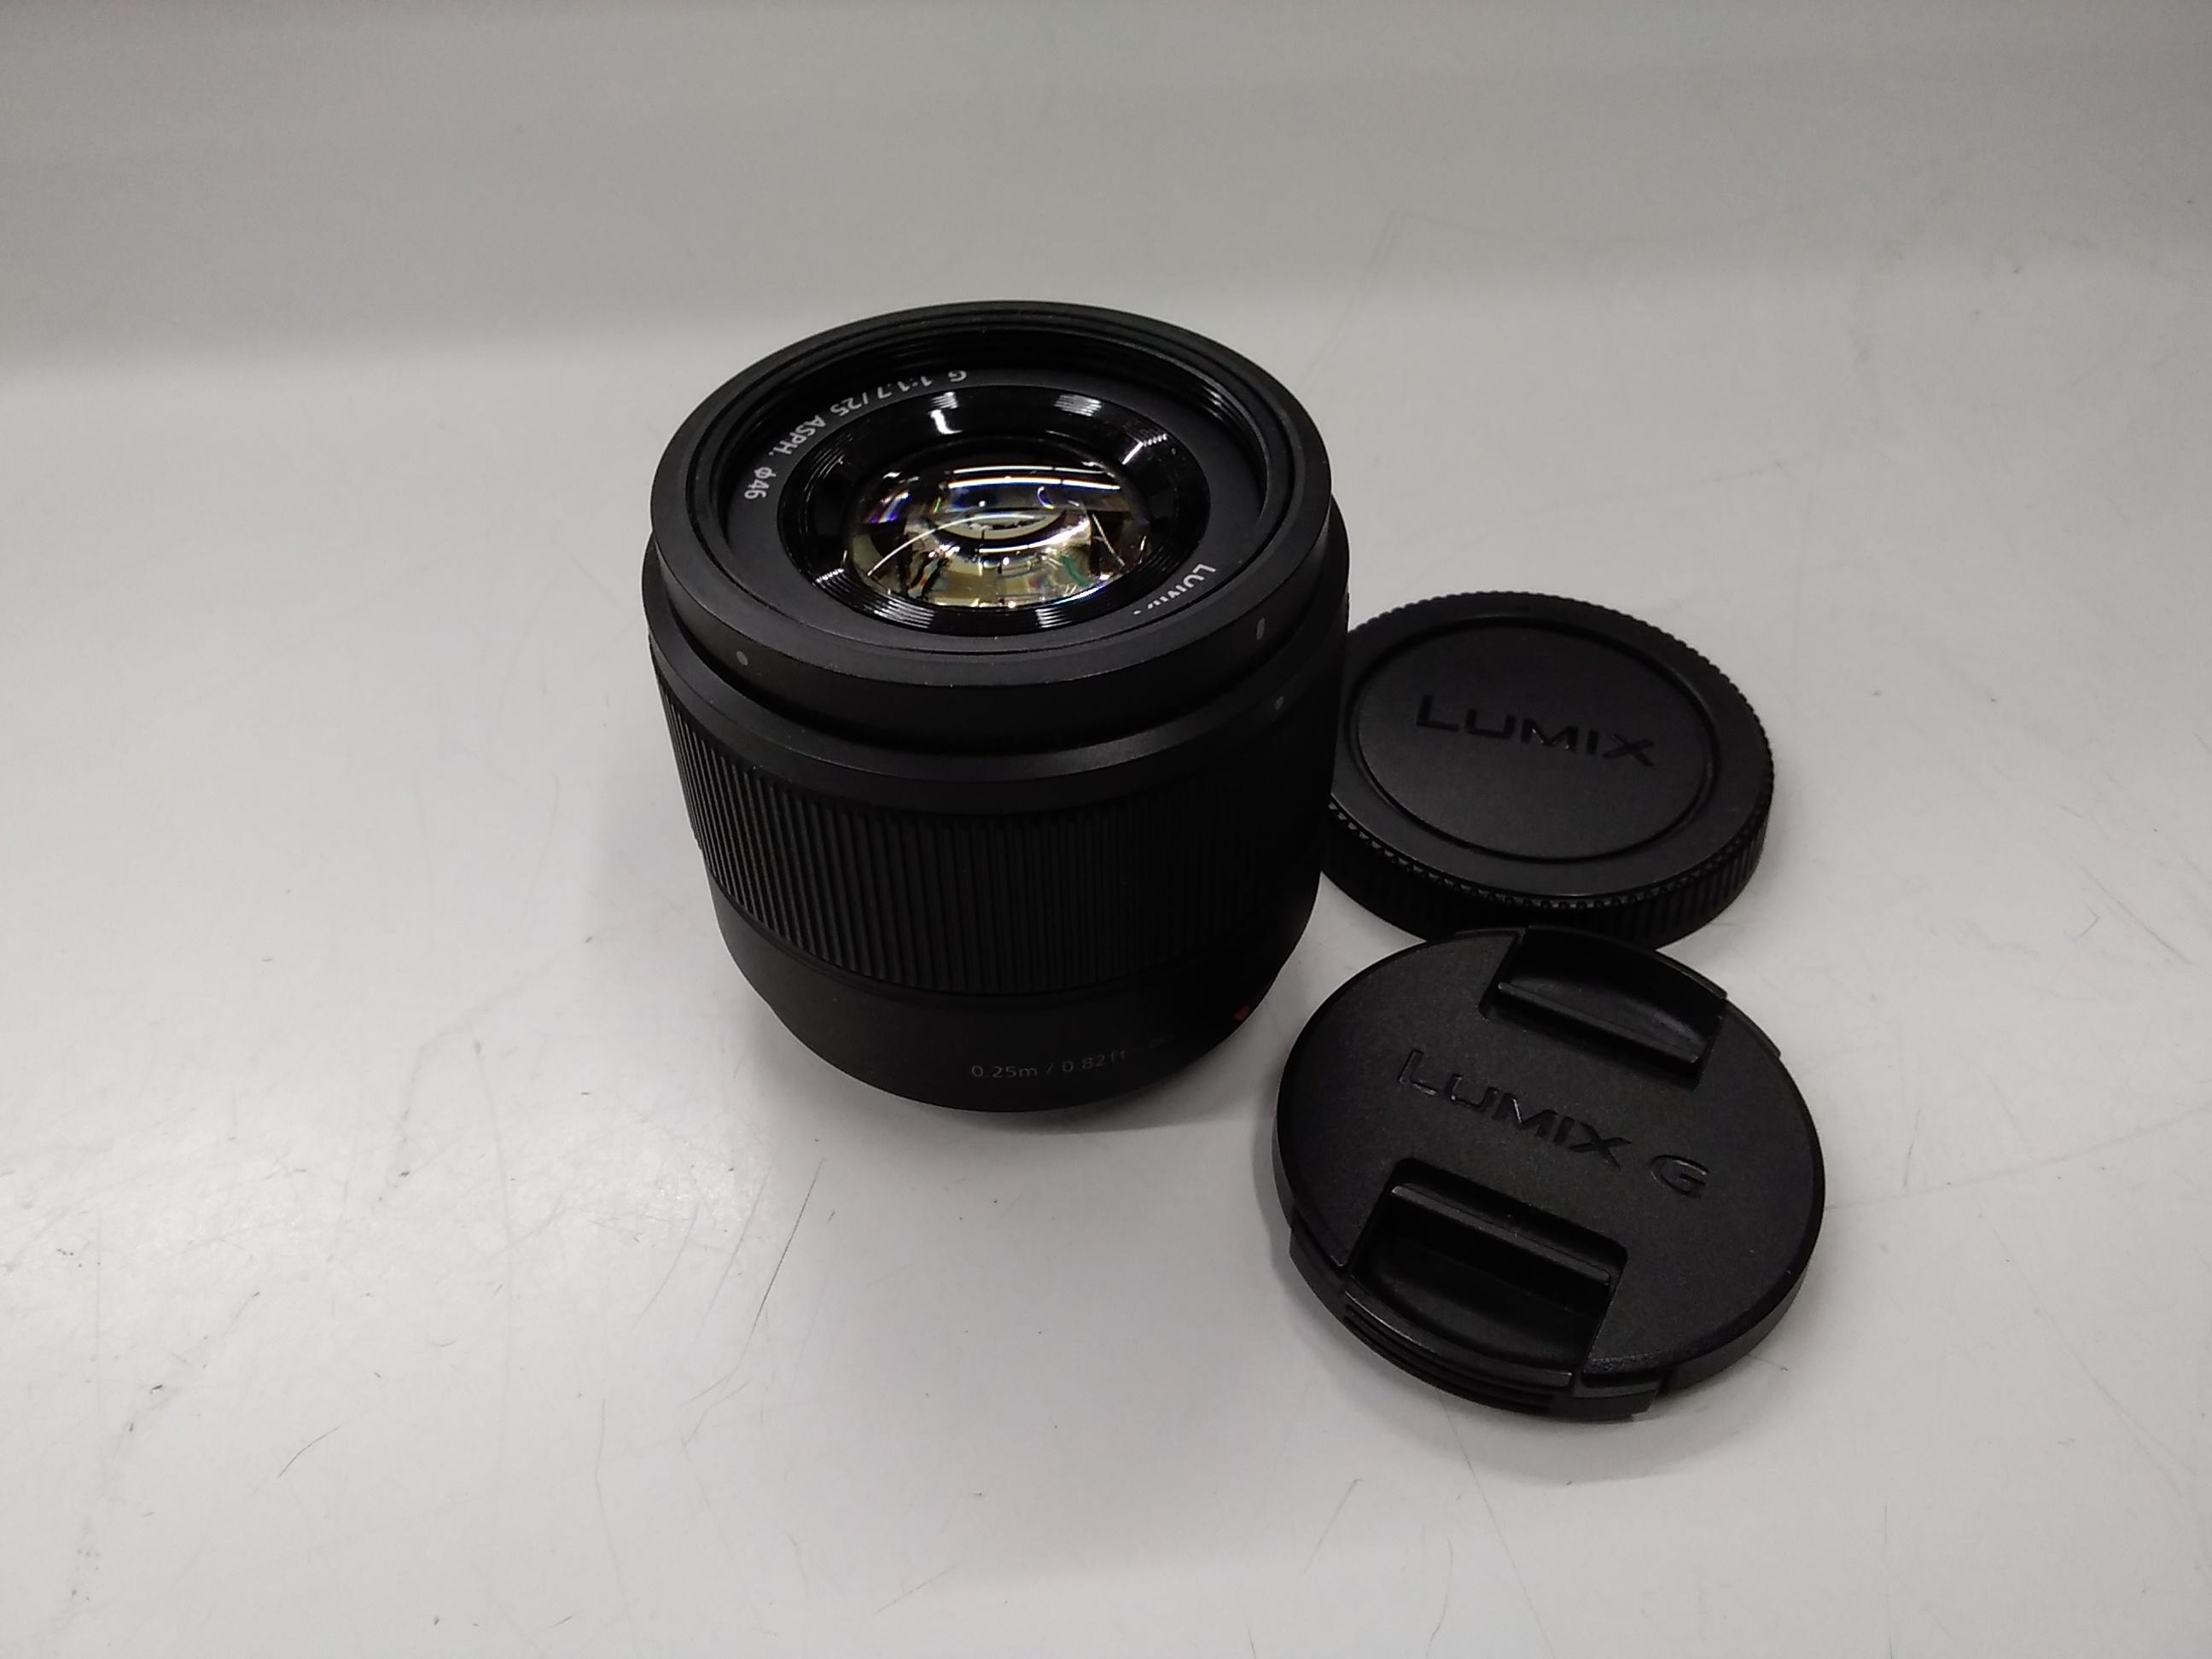 単焦点レンズ LUMIX G 25mm F1.7|PANASONIC